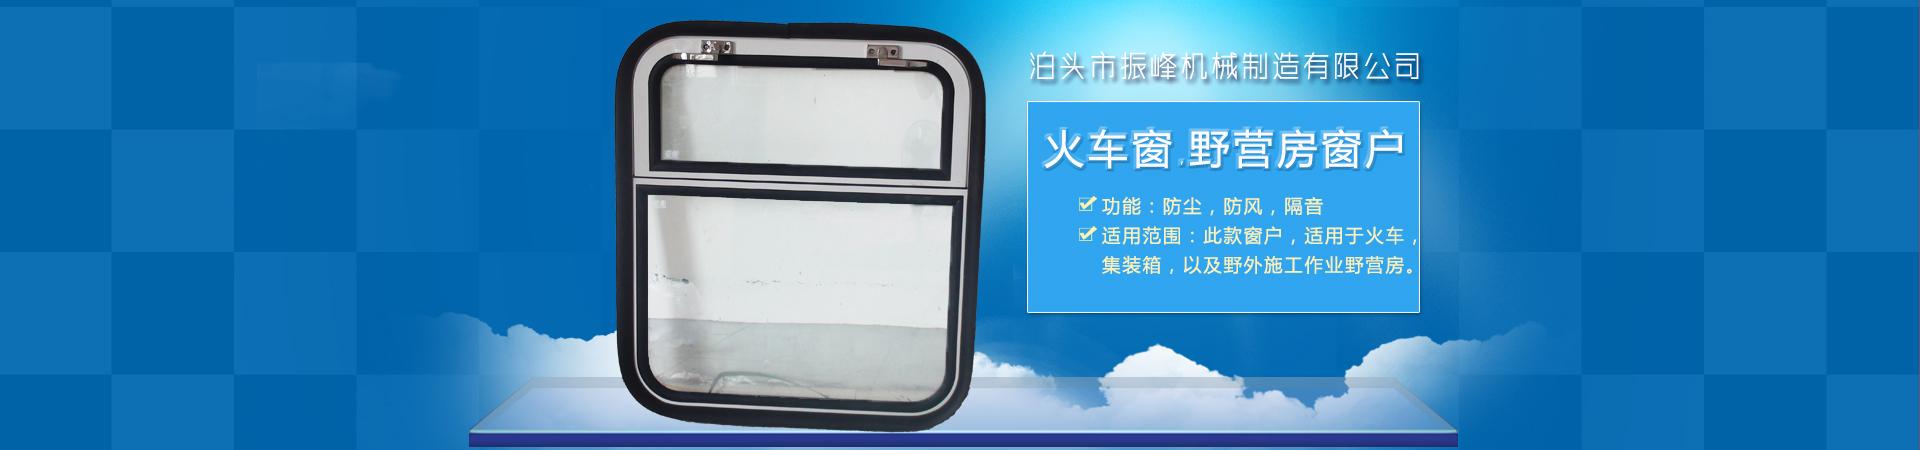 火车窗,野营房窗户